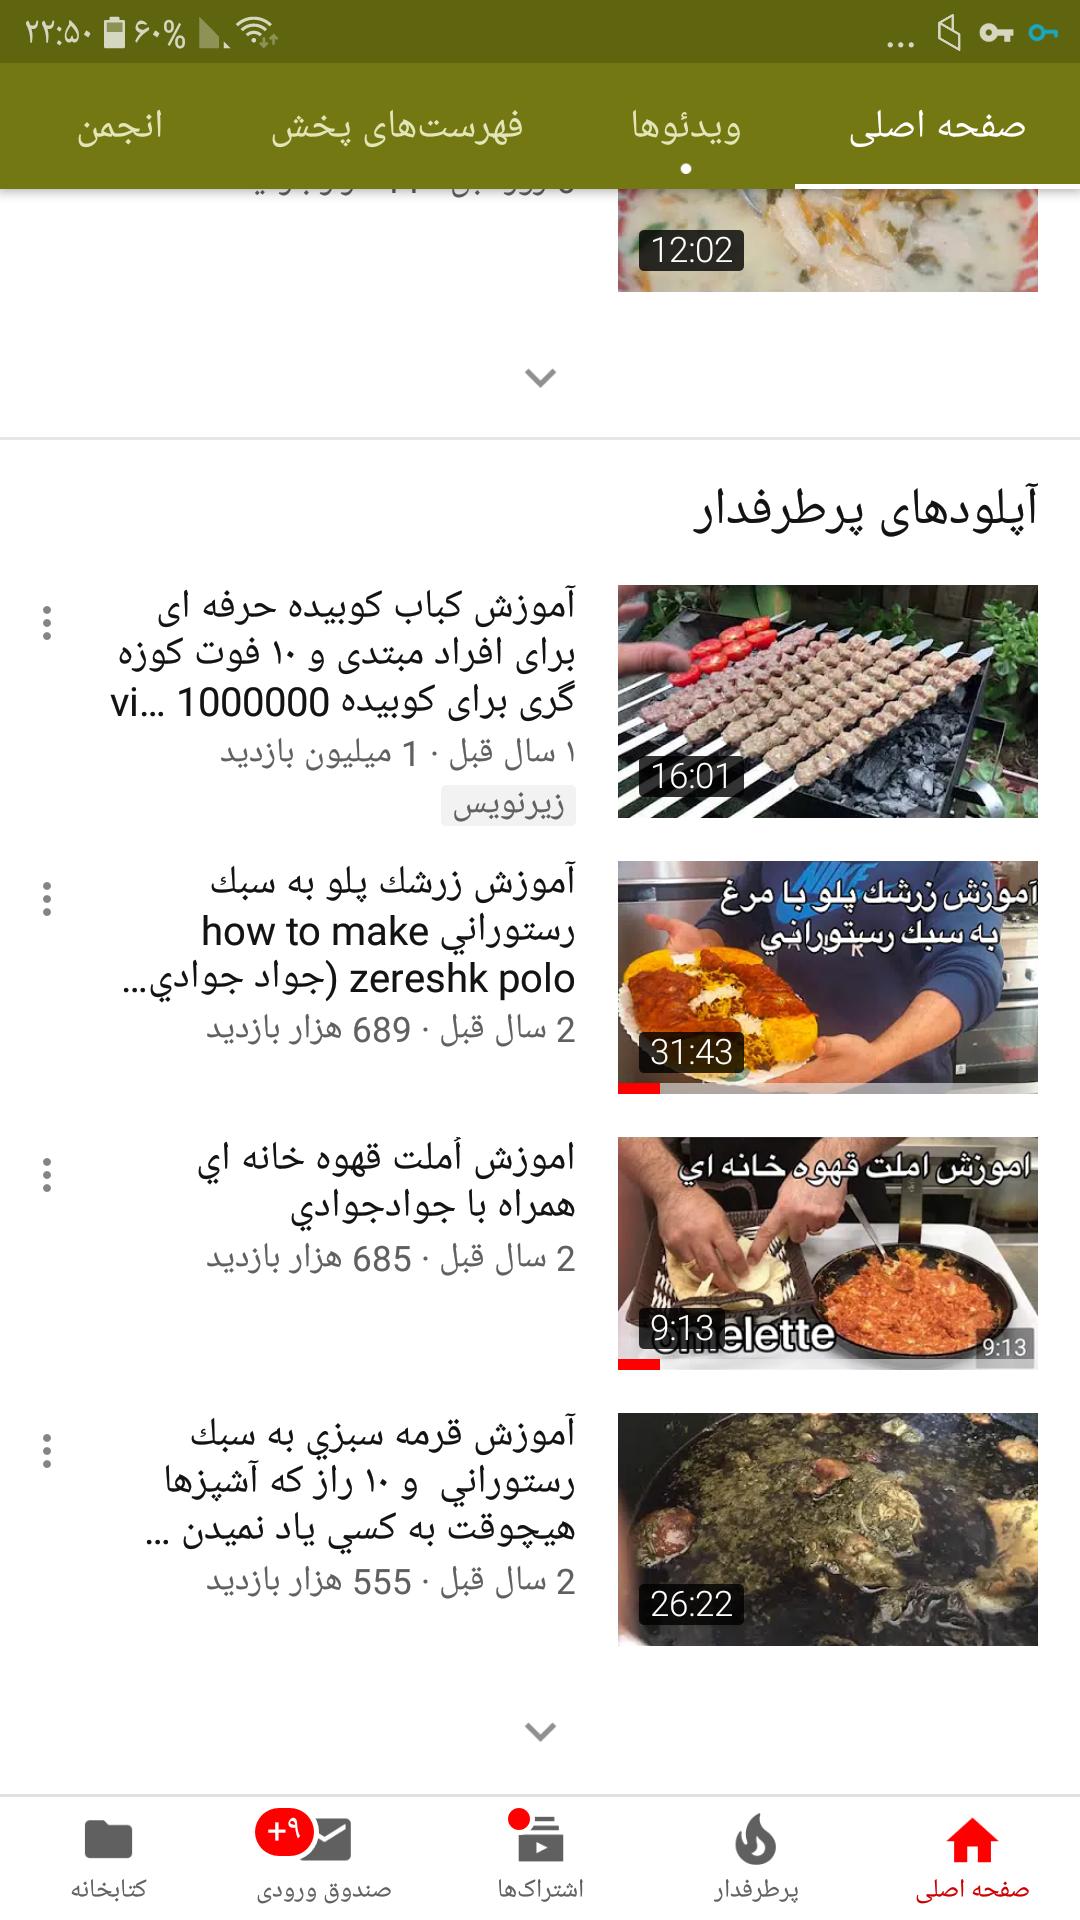 5 باور غلط و اشتباهی که ایرانیا در مورد یوتیوب دارن